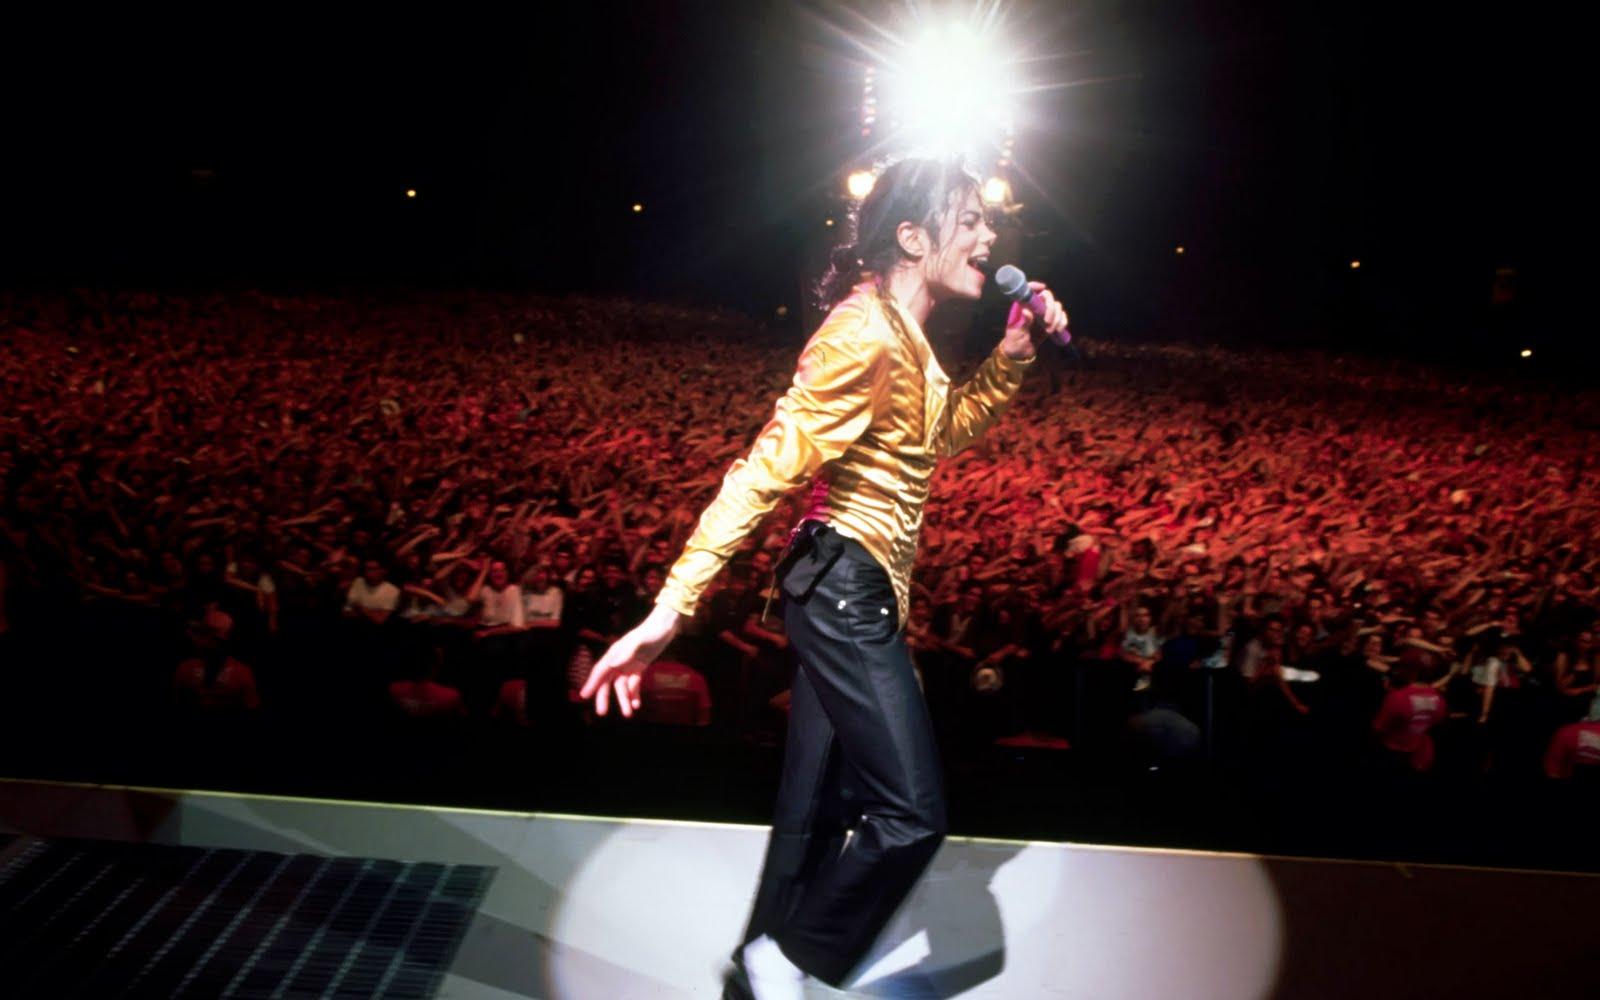 http://4.bp.blogspot.com/-llWjbbtB_DM/UI9EivDsWPI/AAAAAAAABbI/S7PgmPTe4C8/s1600/Michael-Jackson-Wallpaper-3.jpg